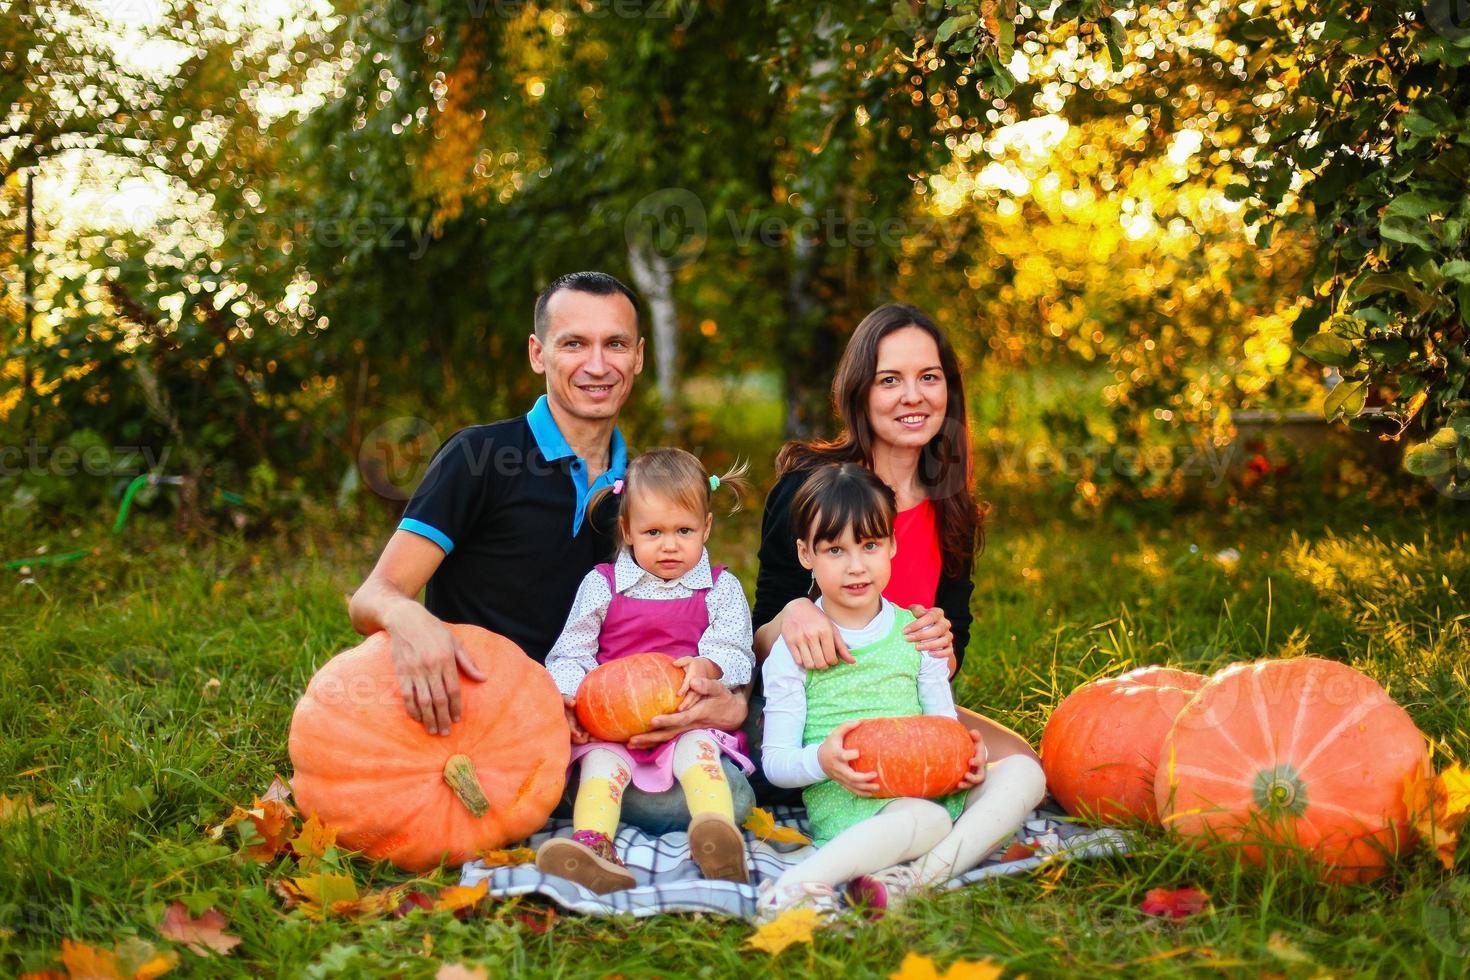 Familienporträt. foto